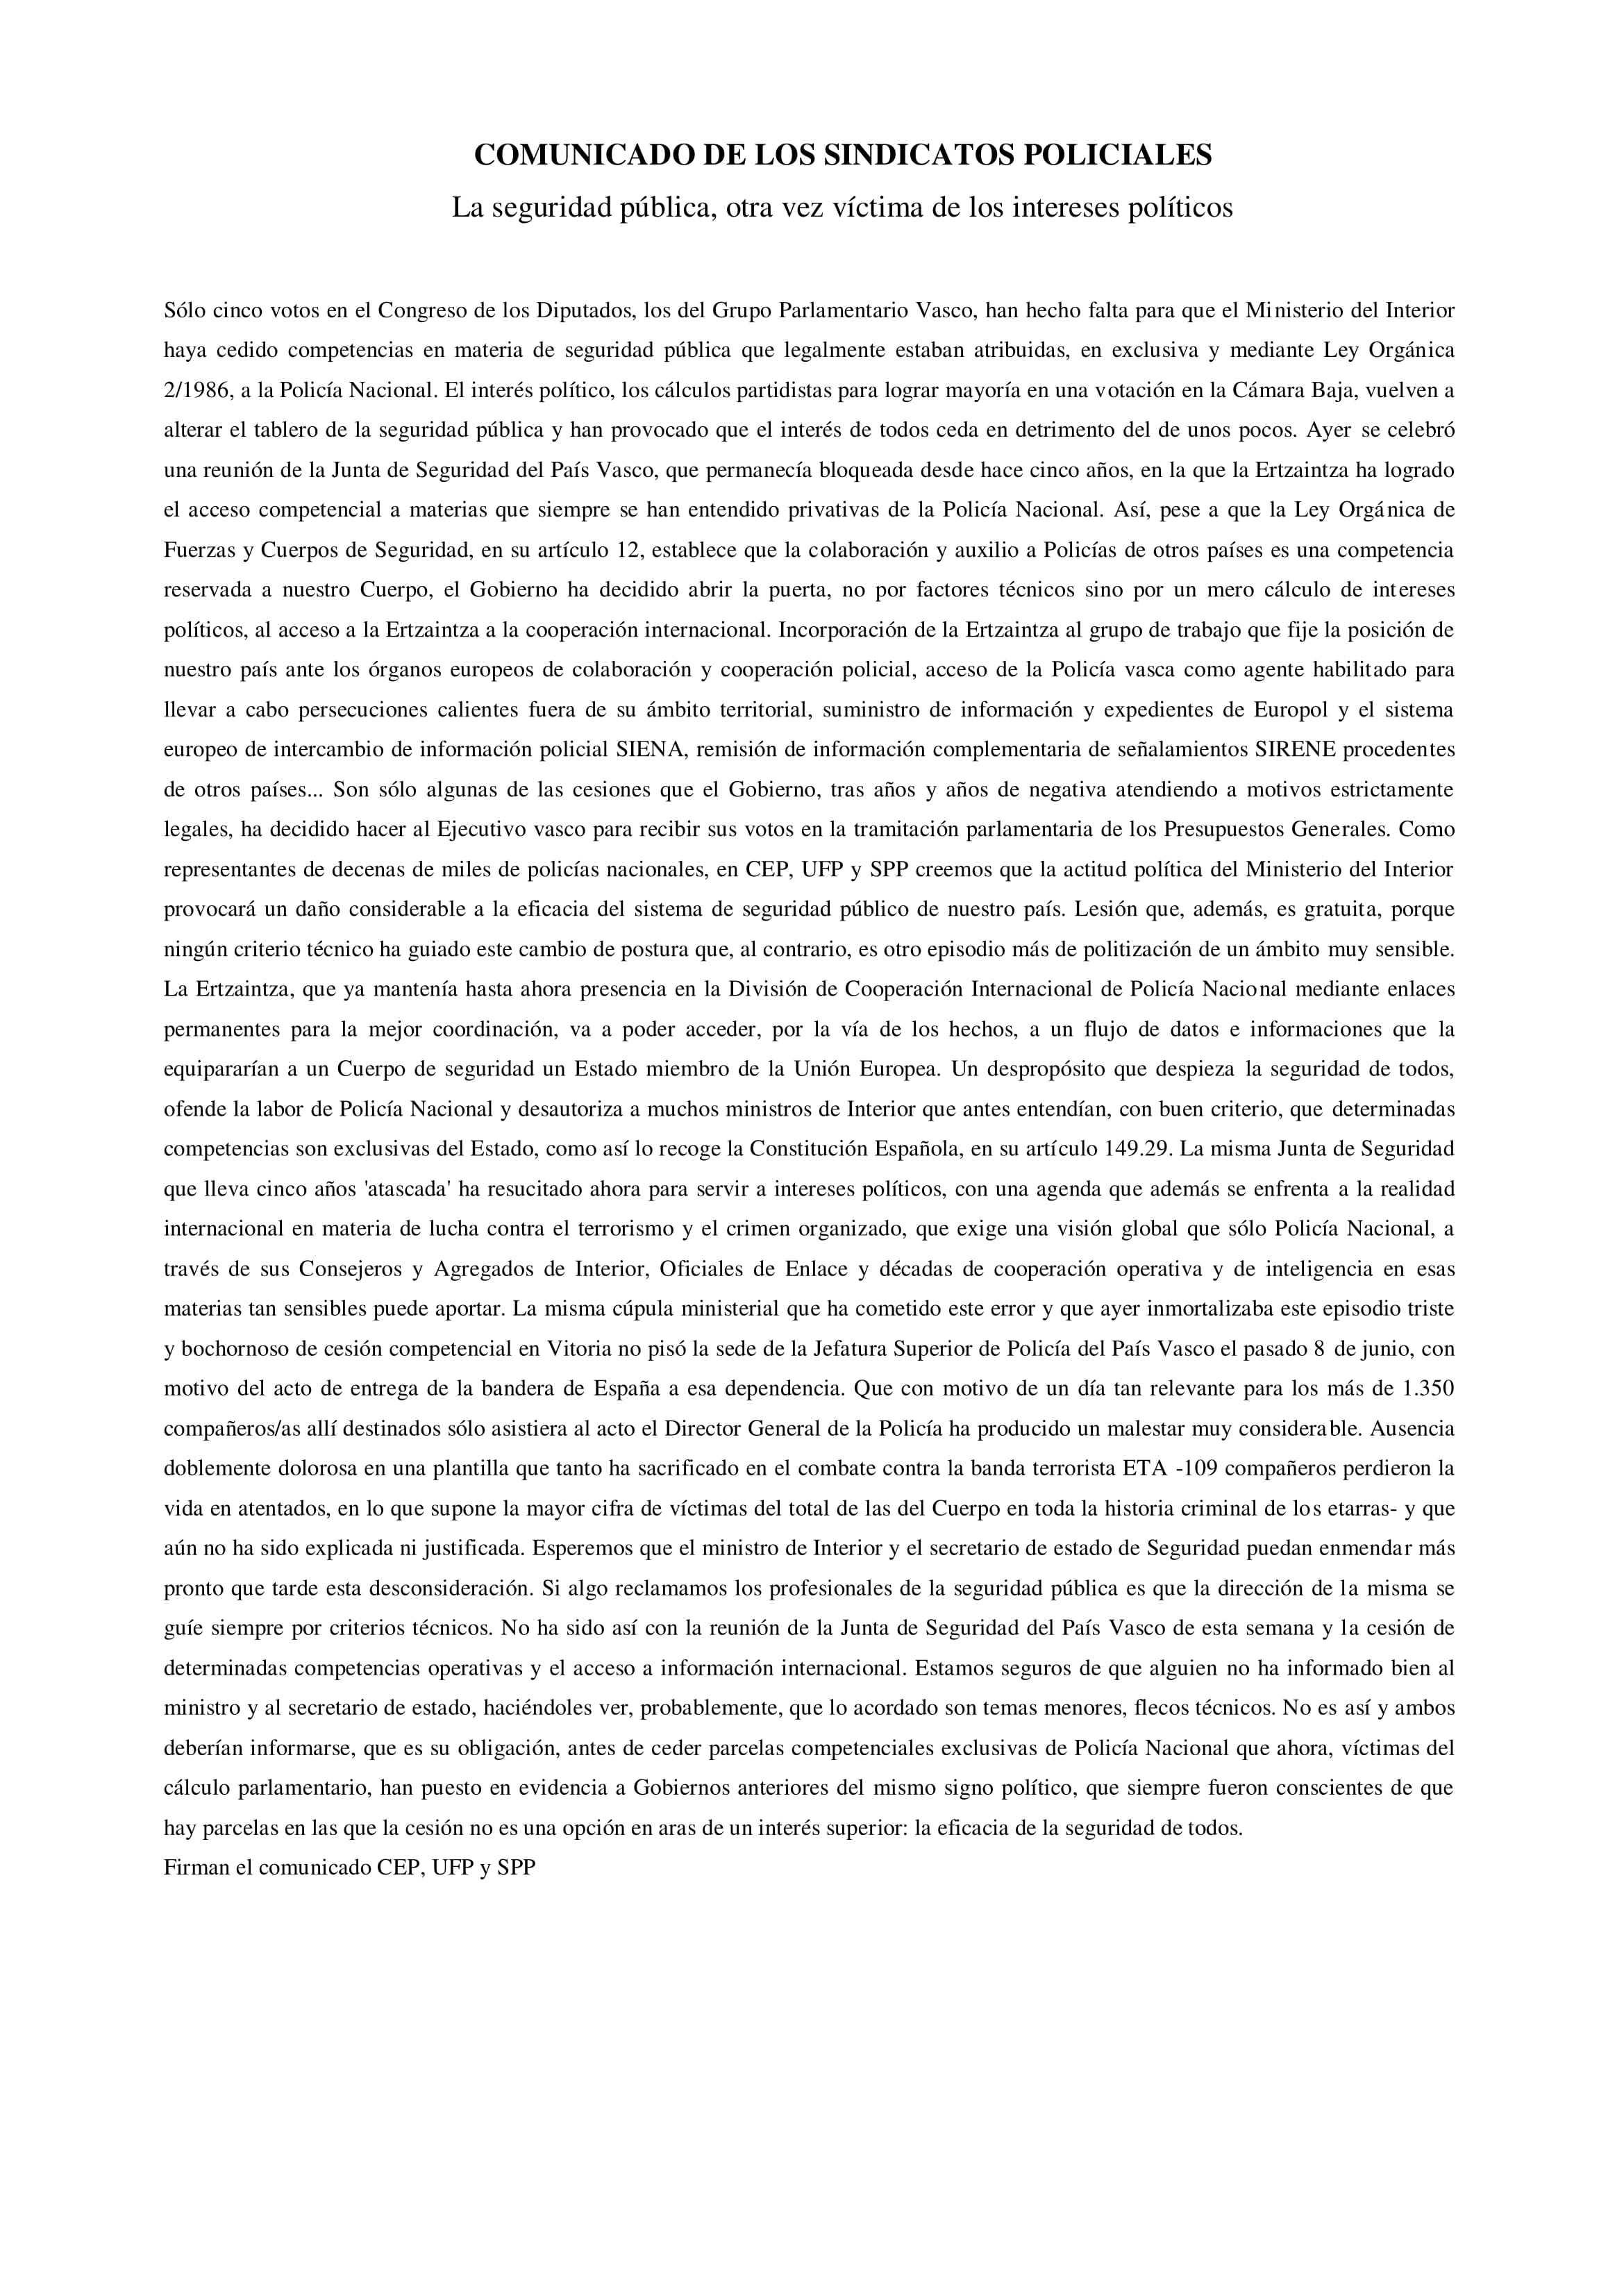 COMUNICADO DE LOS SINDICATOS POLICIALES